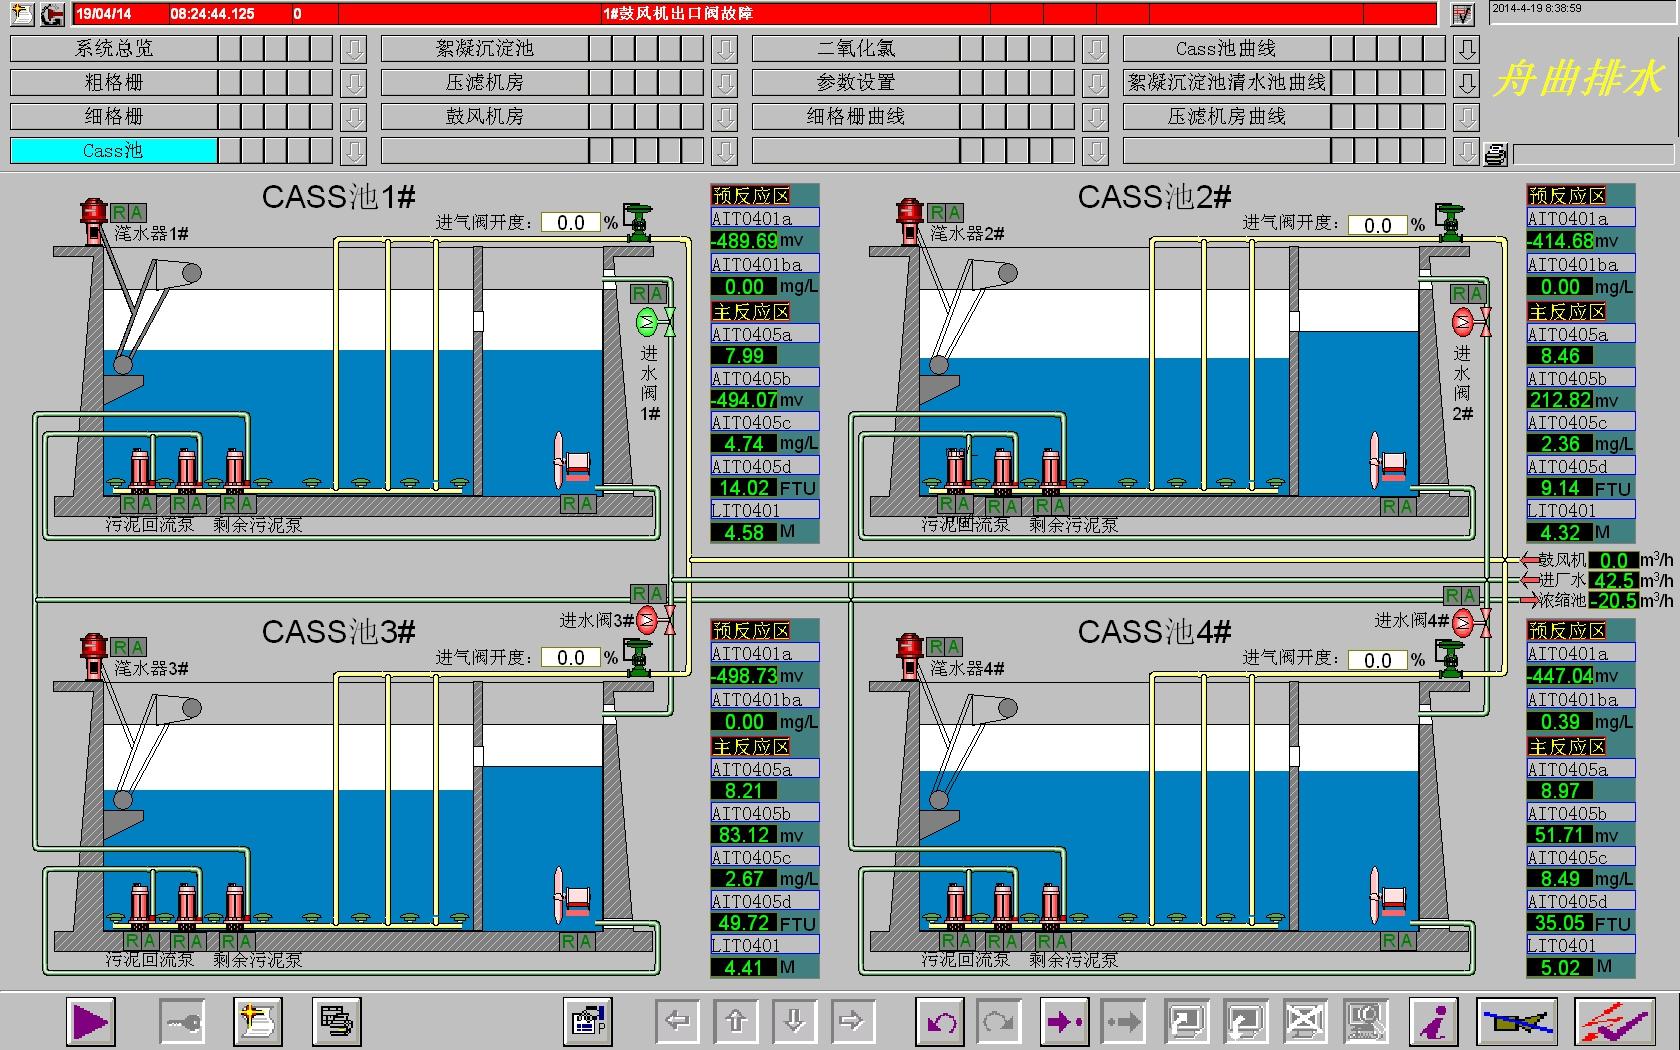 西门子PLC在污水处理中的应用